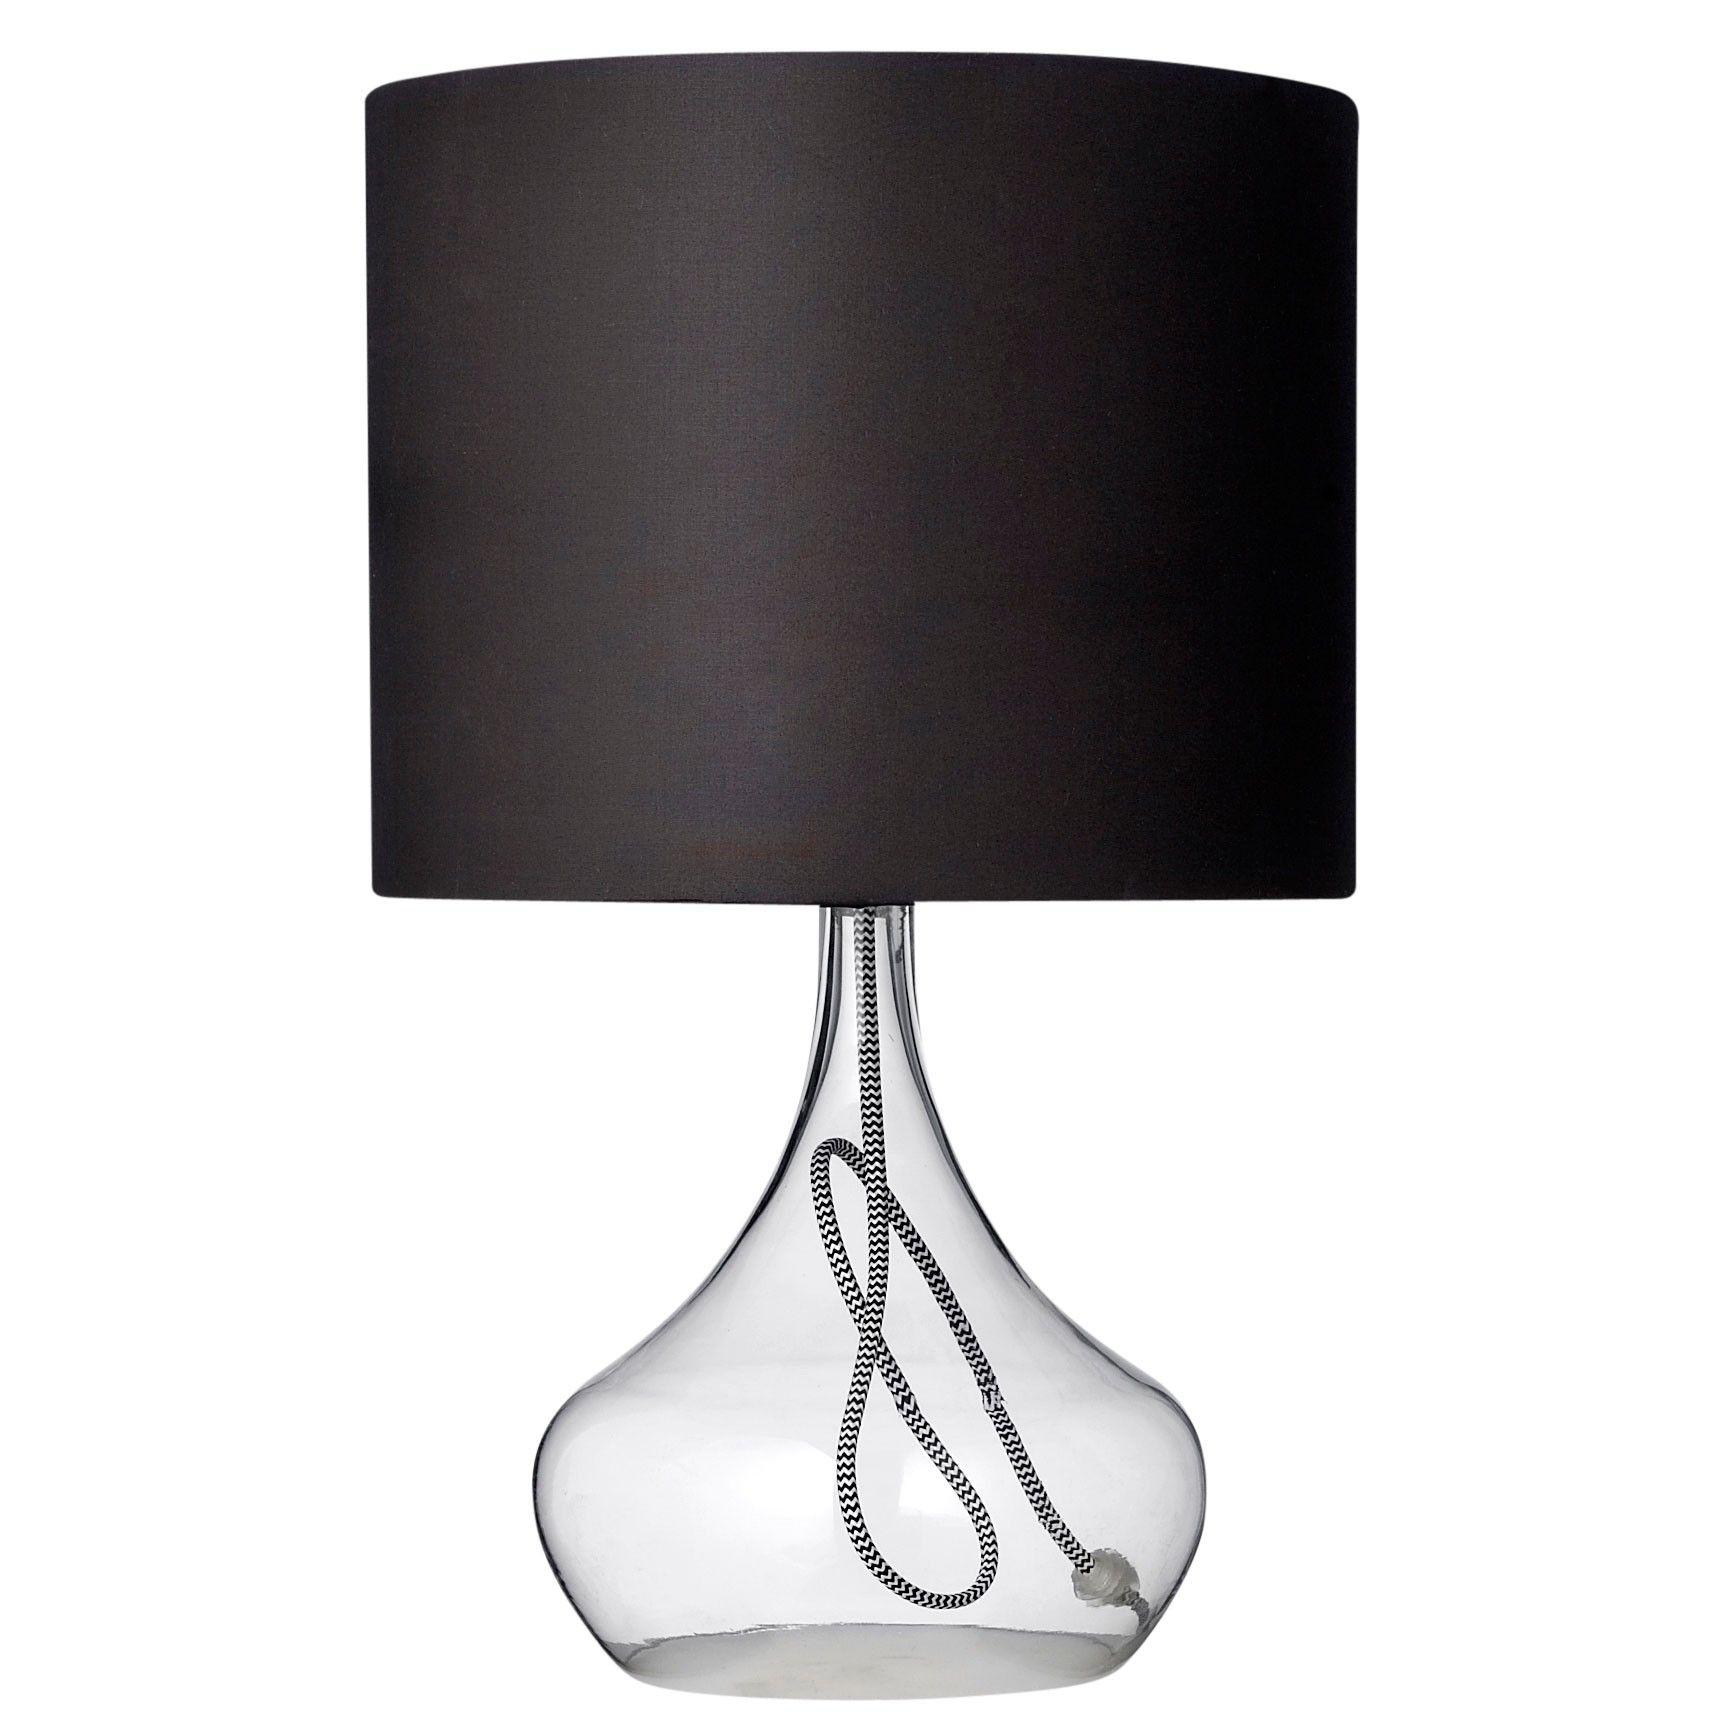 Bloomingville Glazen Tafellamp Core Met Zwarte Stoffen Kap | Meubels With Debenhams Table Lamps For Living Room (#6 of 15)